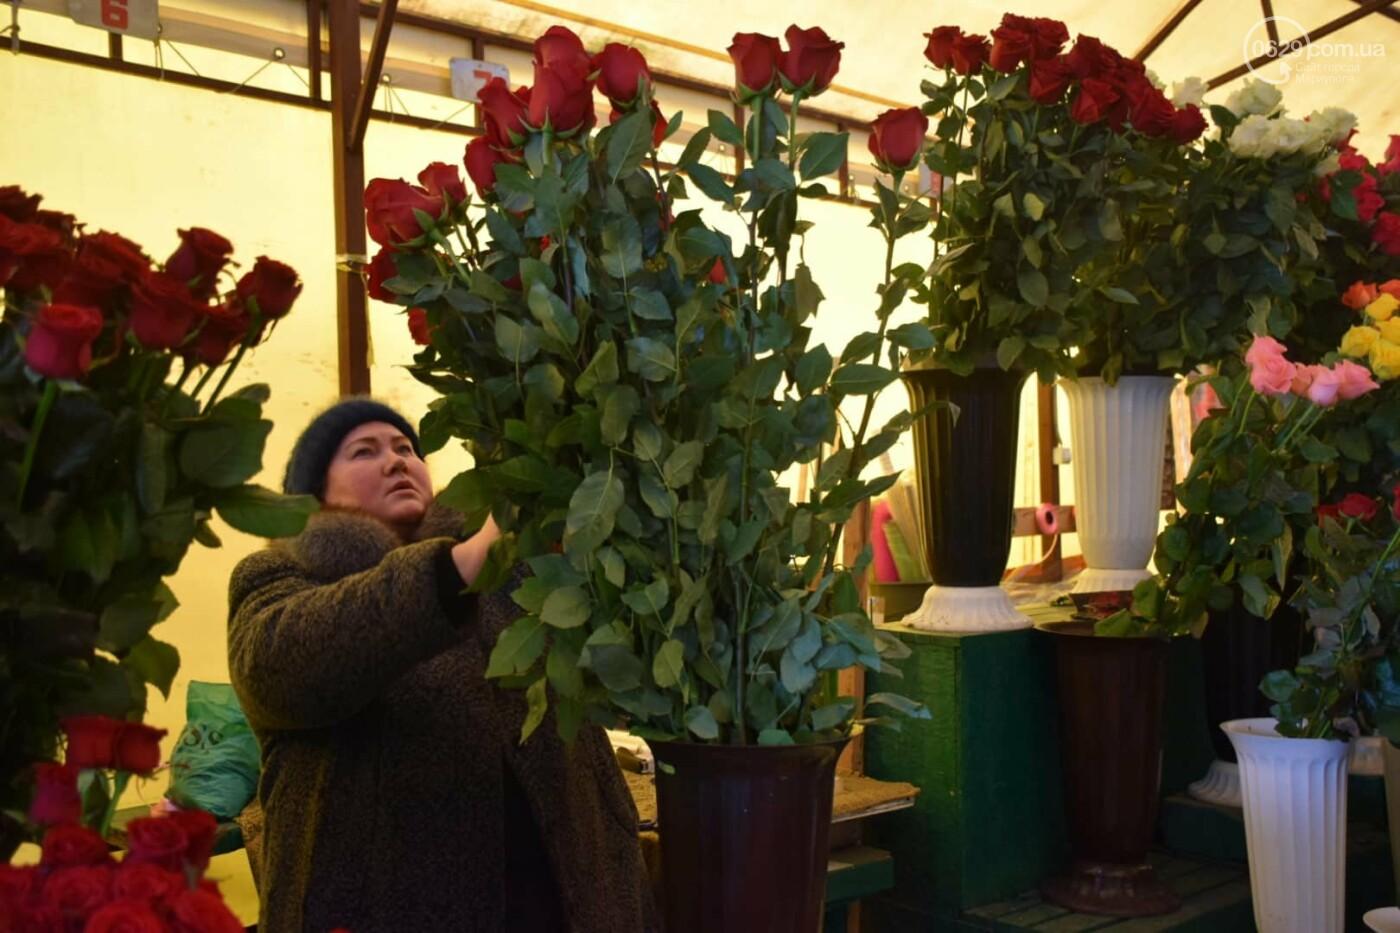 День Святого Валентина в Мариуполе: цветы, шары и мужчины-романтики, - ФОТОРЕПОРТАЖ, фото-13